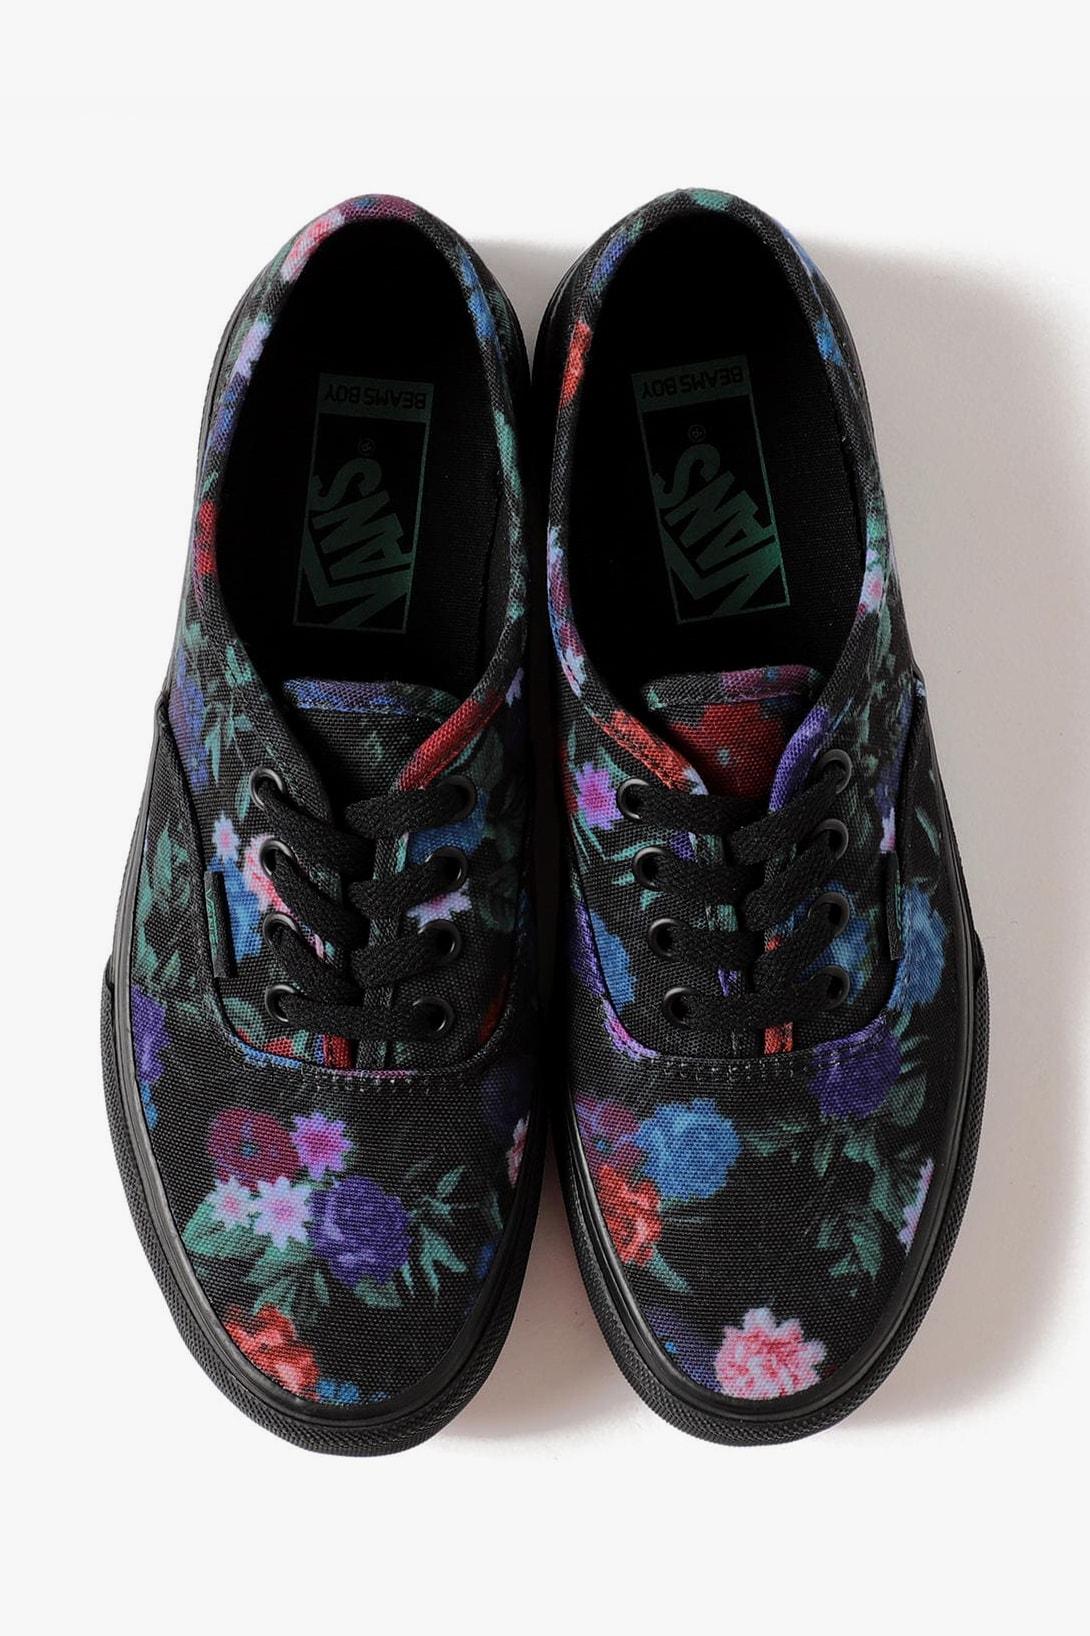 BEAMS BOY x Vans, Gregory Sneaker, Fleece, Bag Collaboration fall winter 2020 fw20 release date info buy authentic dark garden